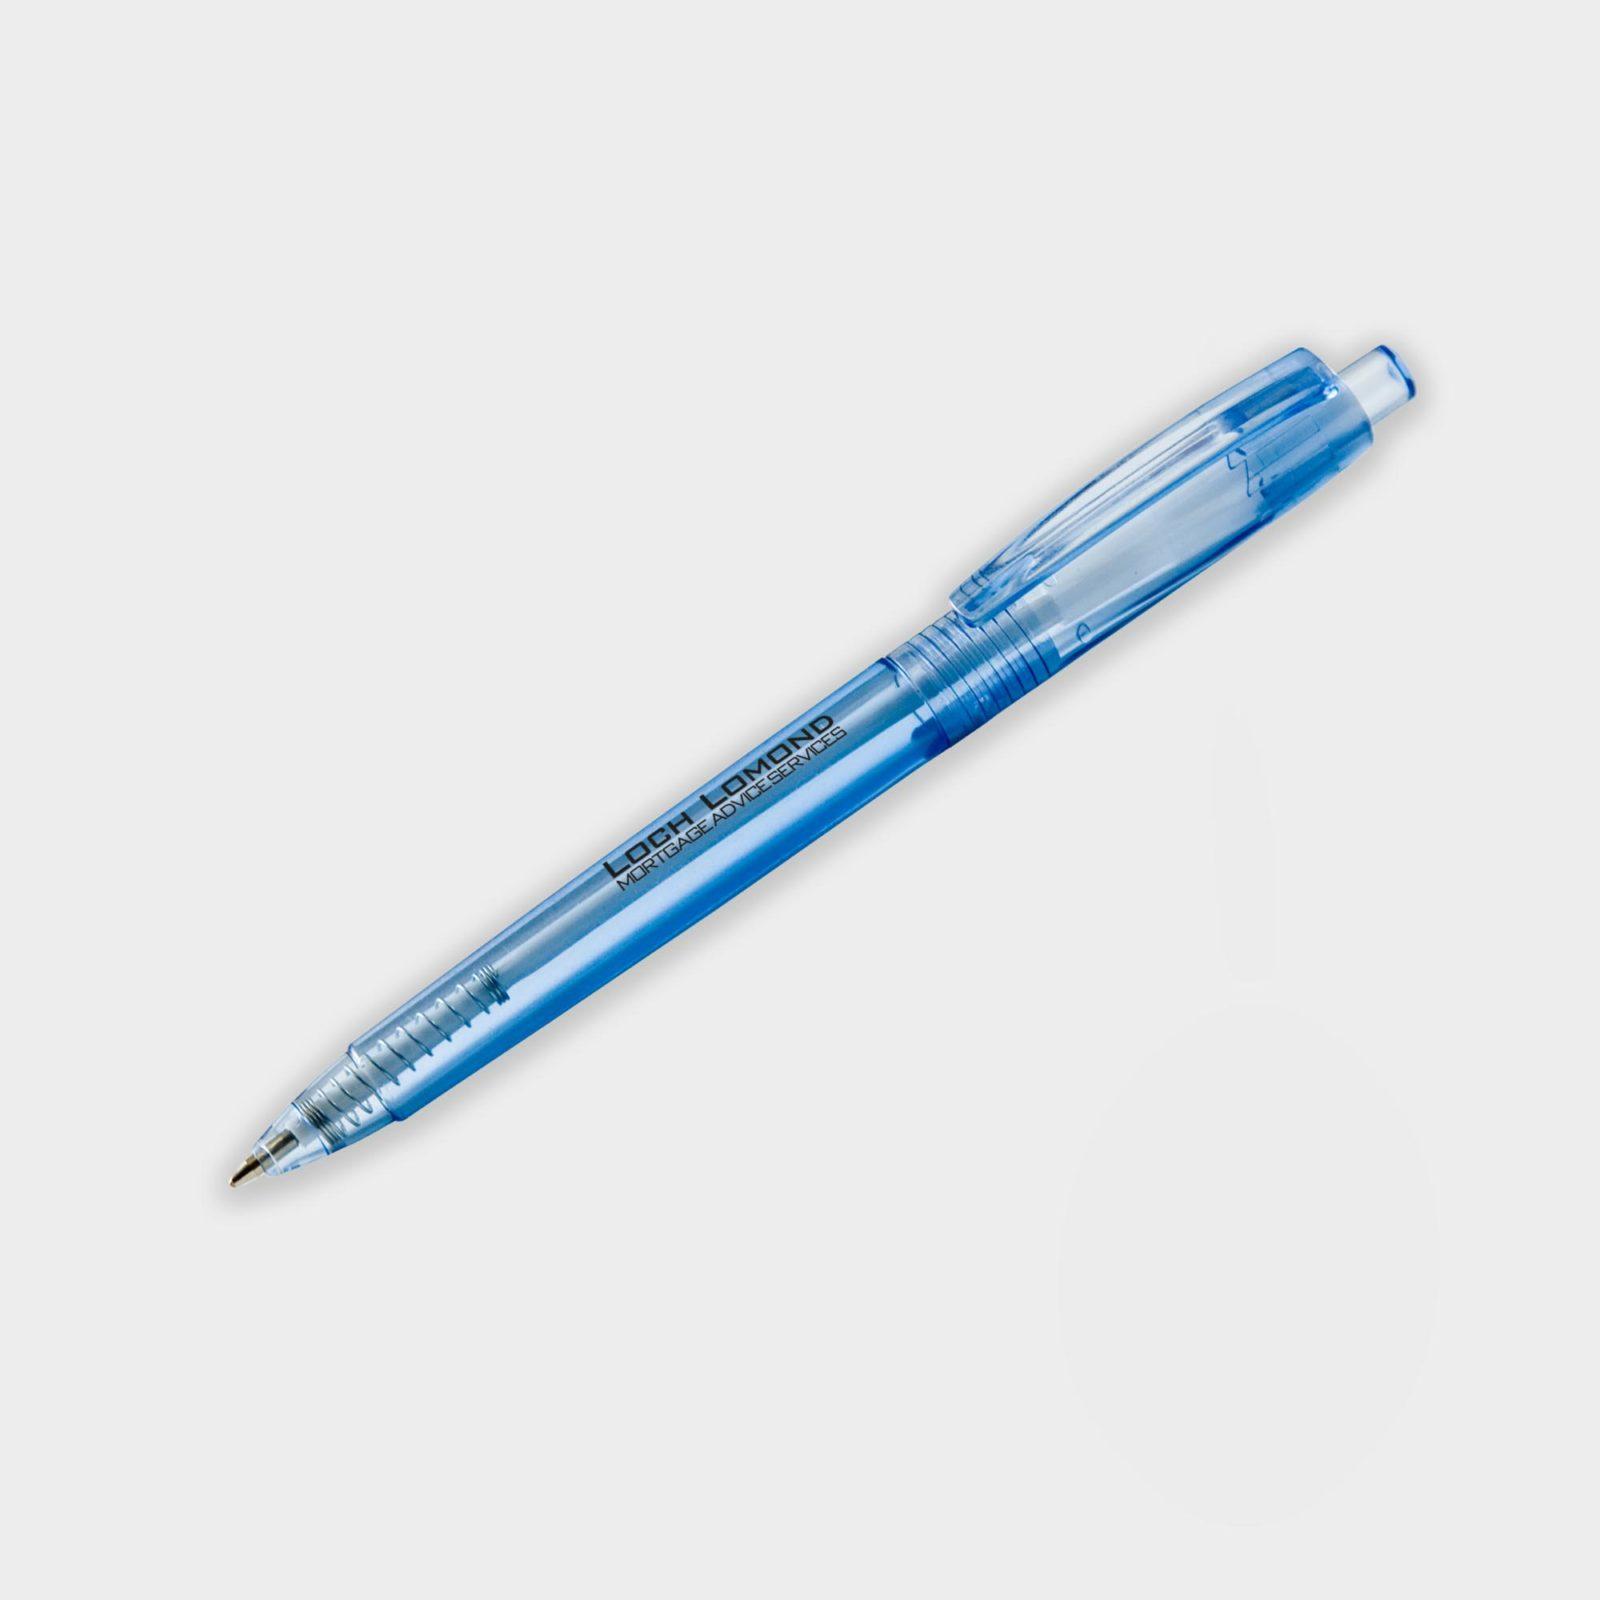 Avon ручка зорька зоренька косметика купить официальный сайт